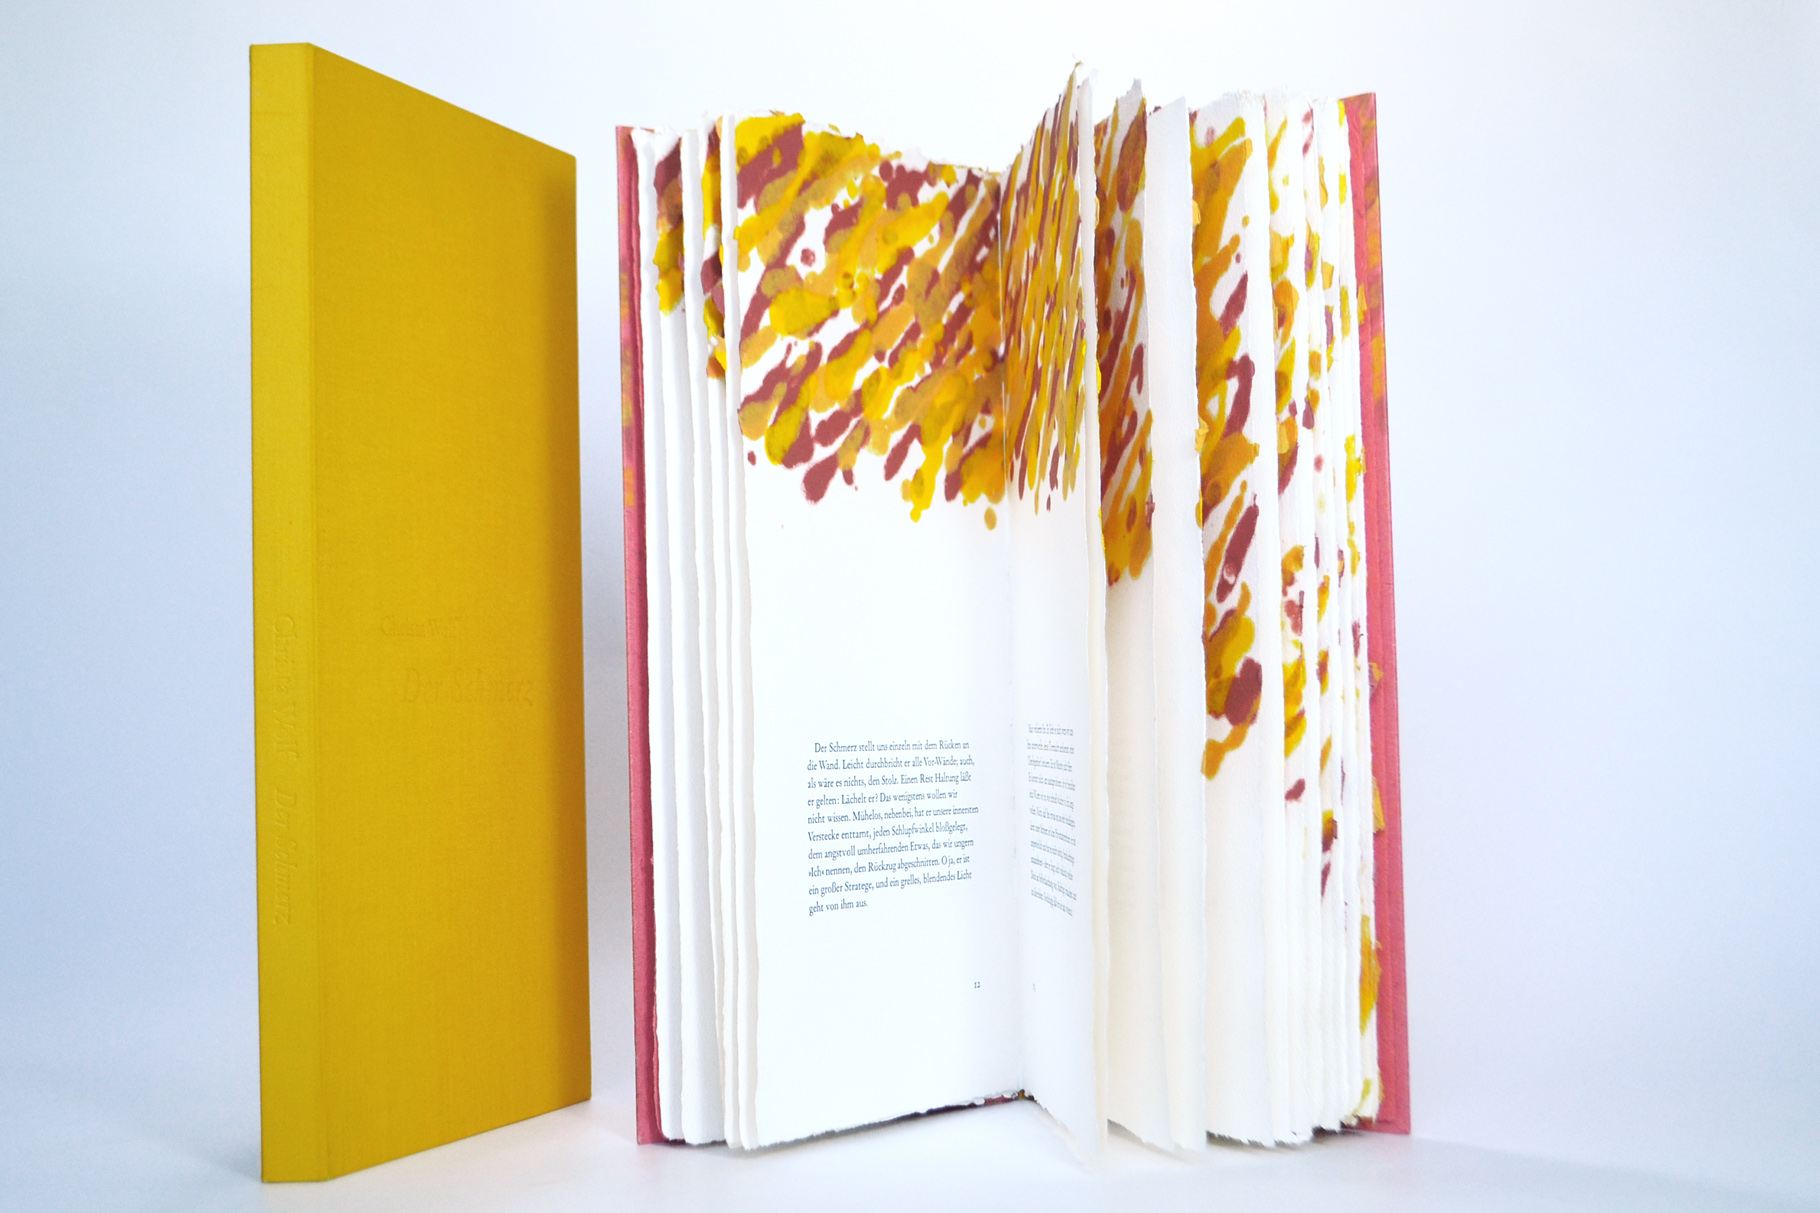 """""""Der Schmerz"""" (1999) - Ein Künstlerbuch, gestaltet von John Gerard mit 10 Papiergüssen zu einem Essay von Christa Wolf (Erstausgabe)"""